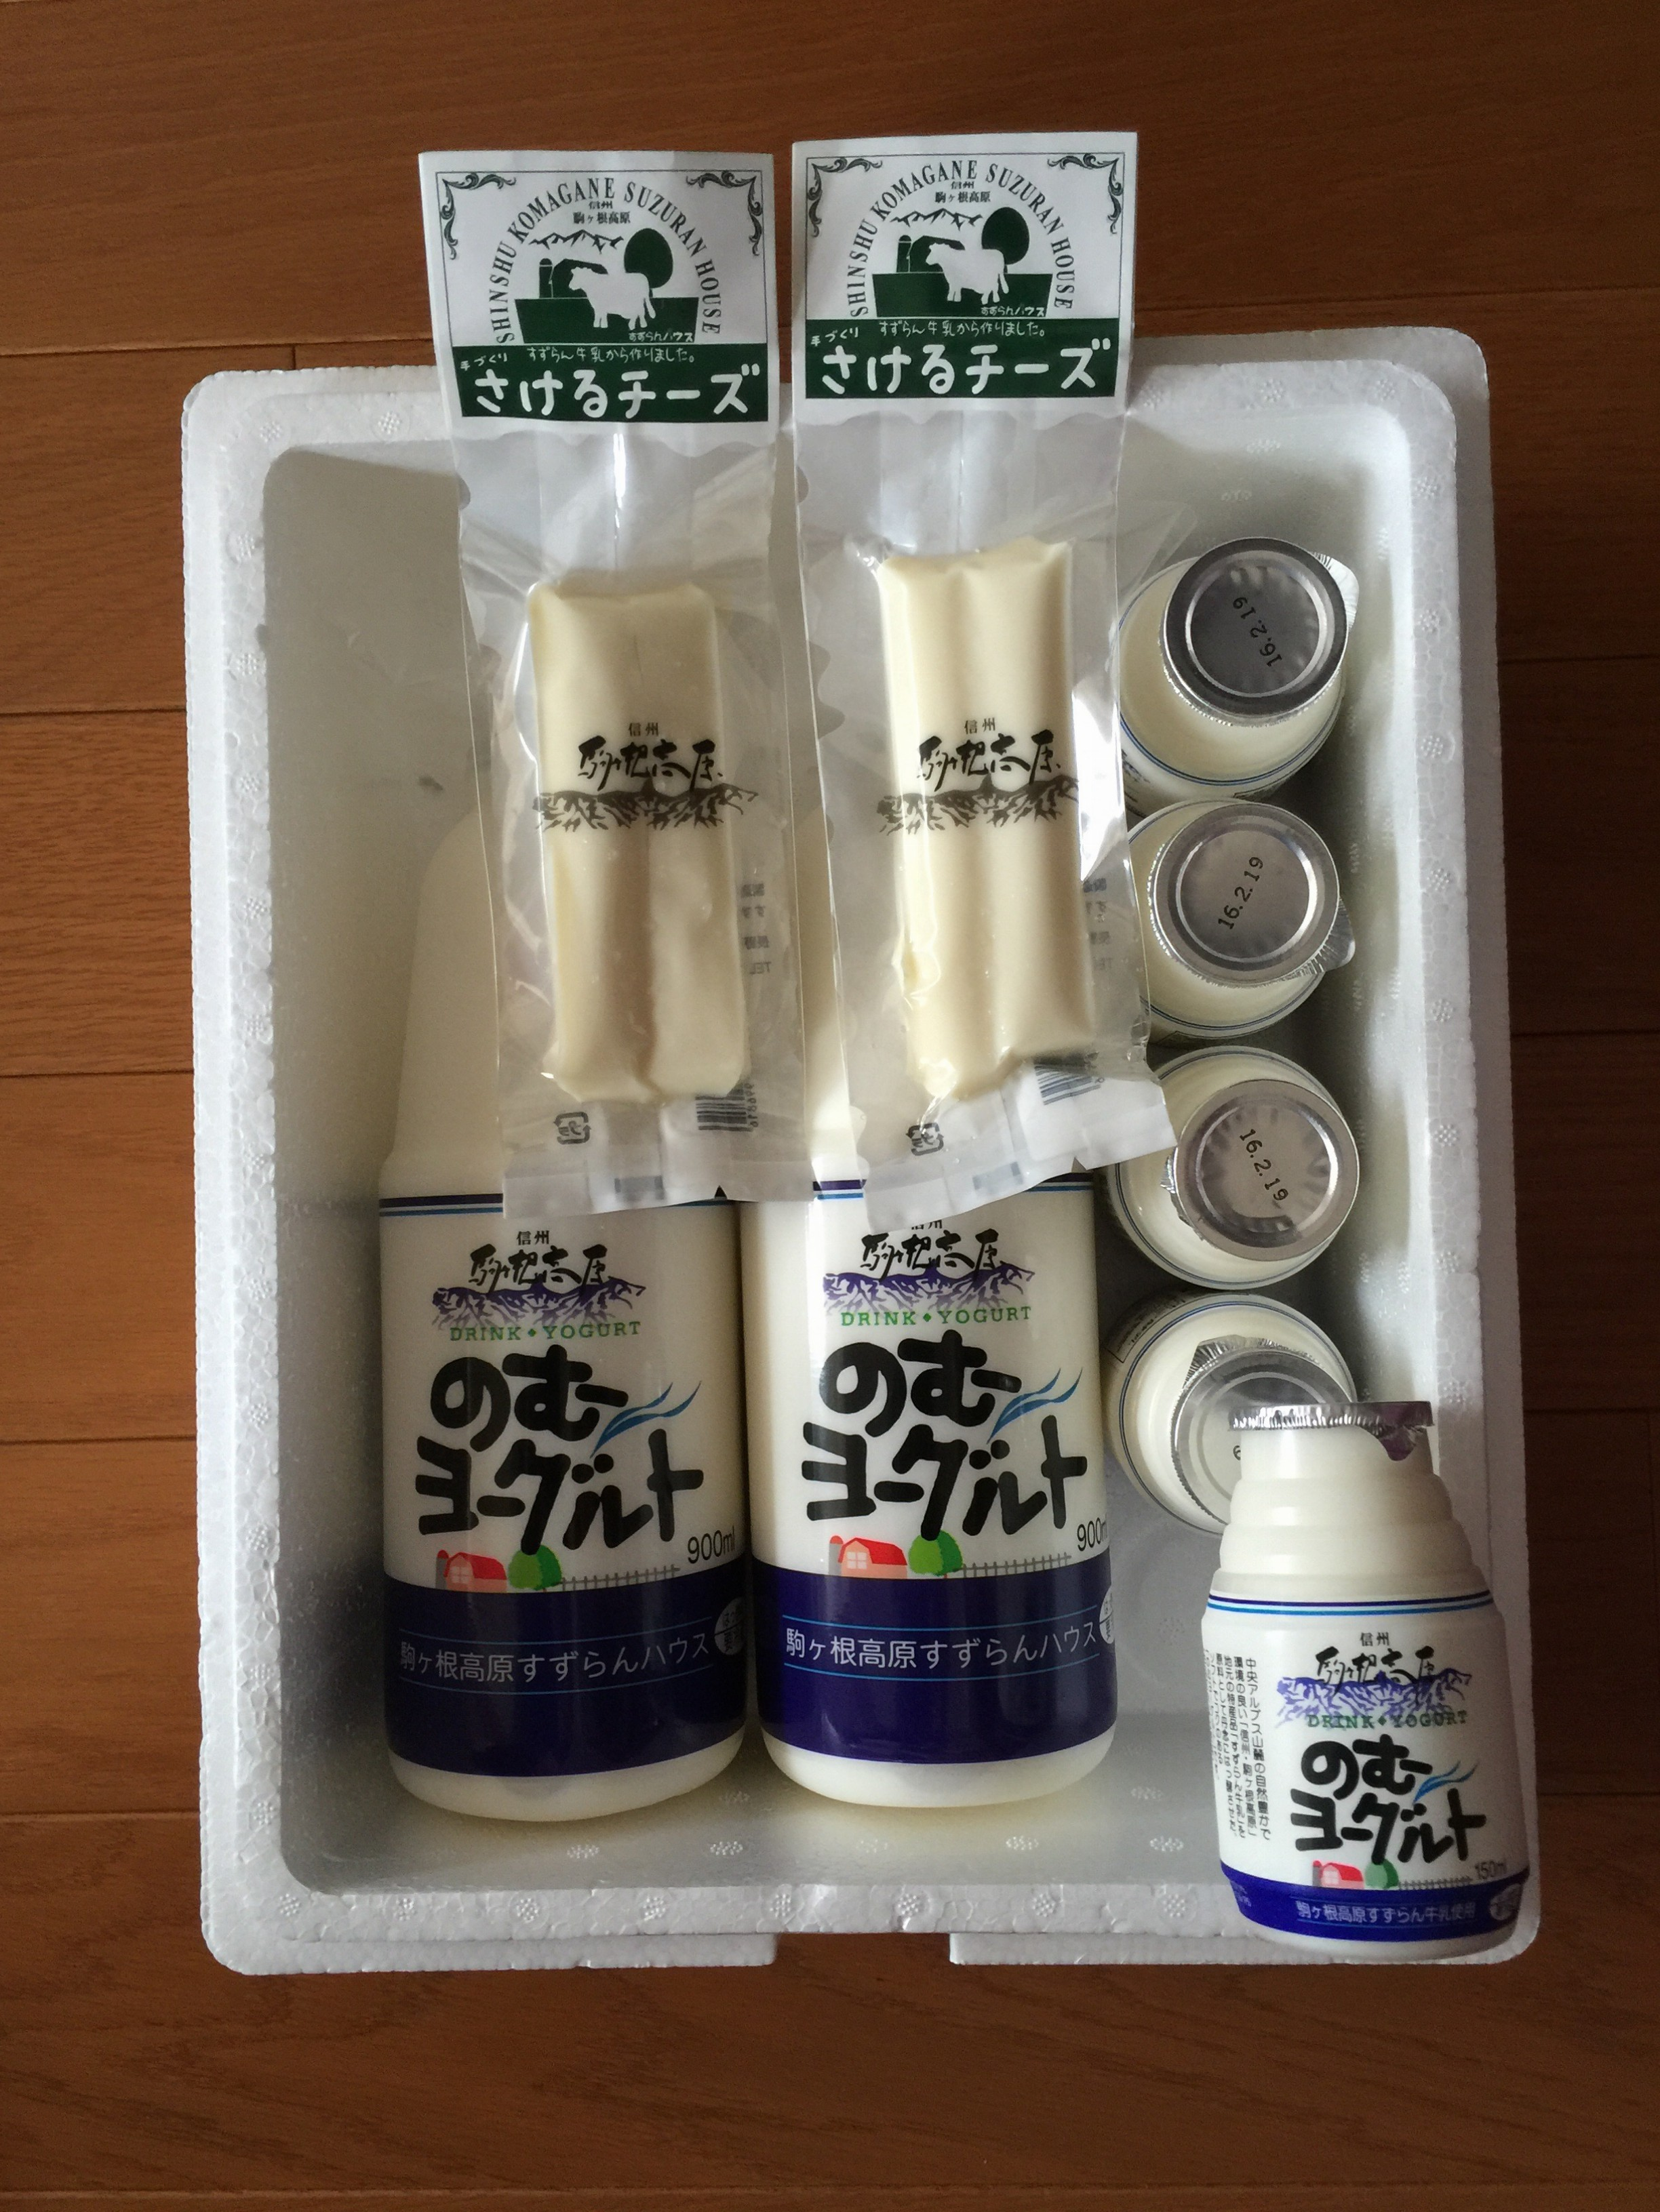 ヤマウラからの株主優待 JA上伊那から「のむヨーグルト」と「さけるチーズ」をもらいました